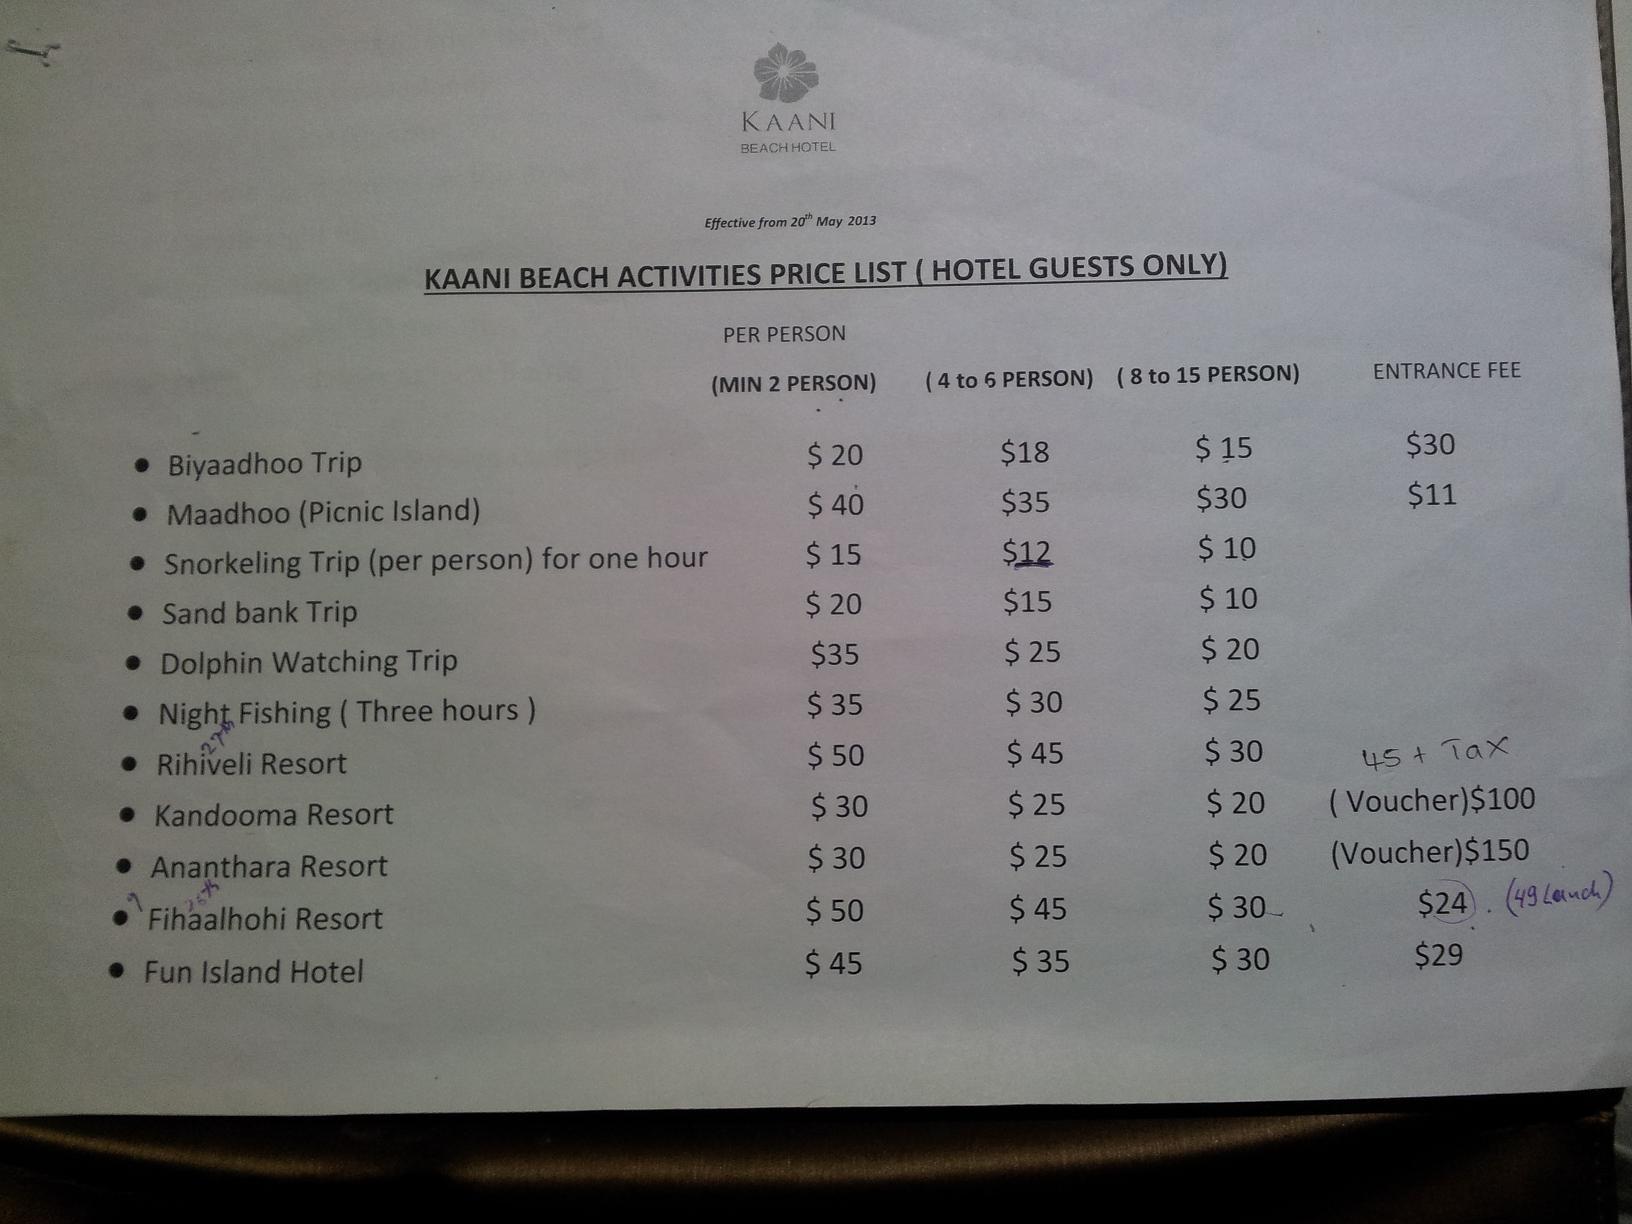 エクスカーション表